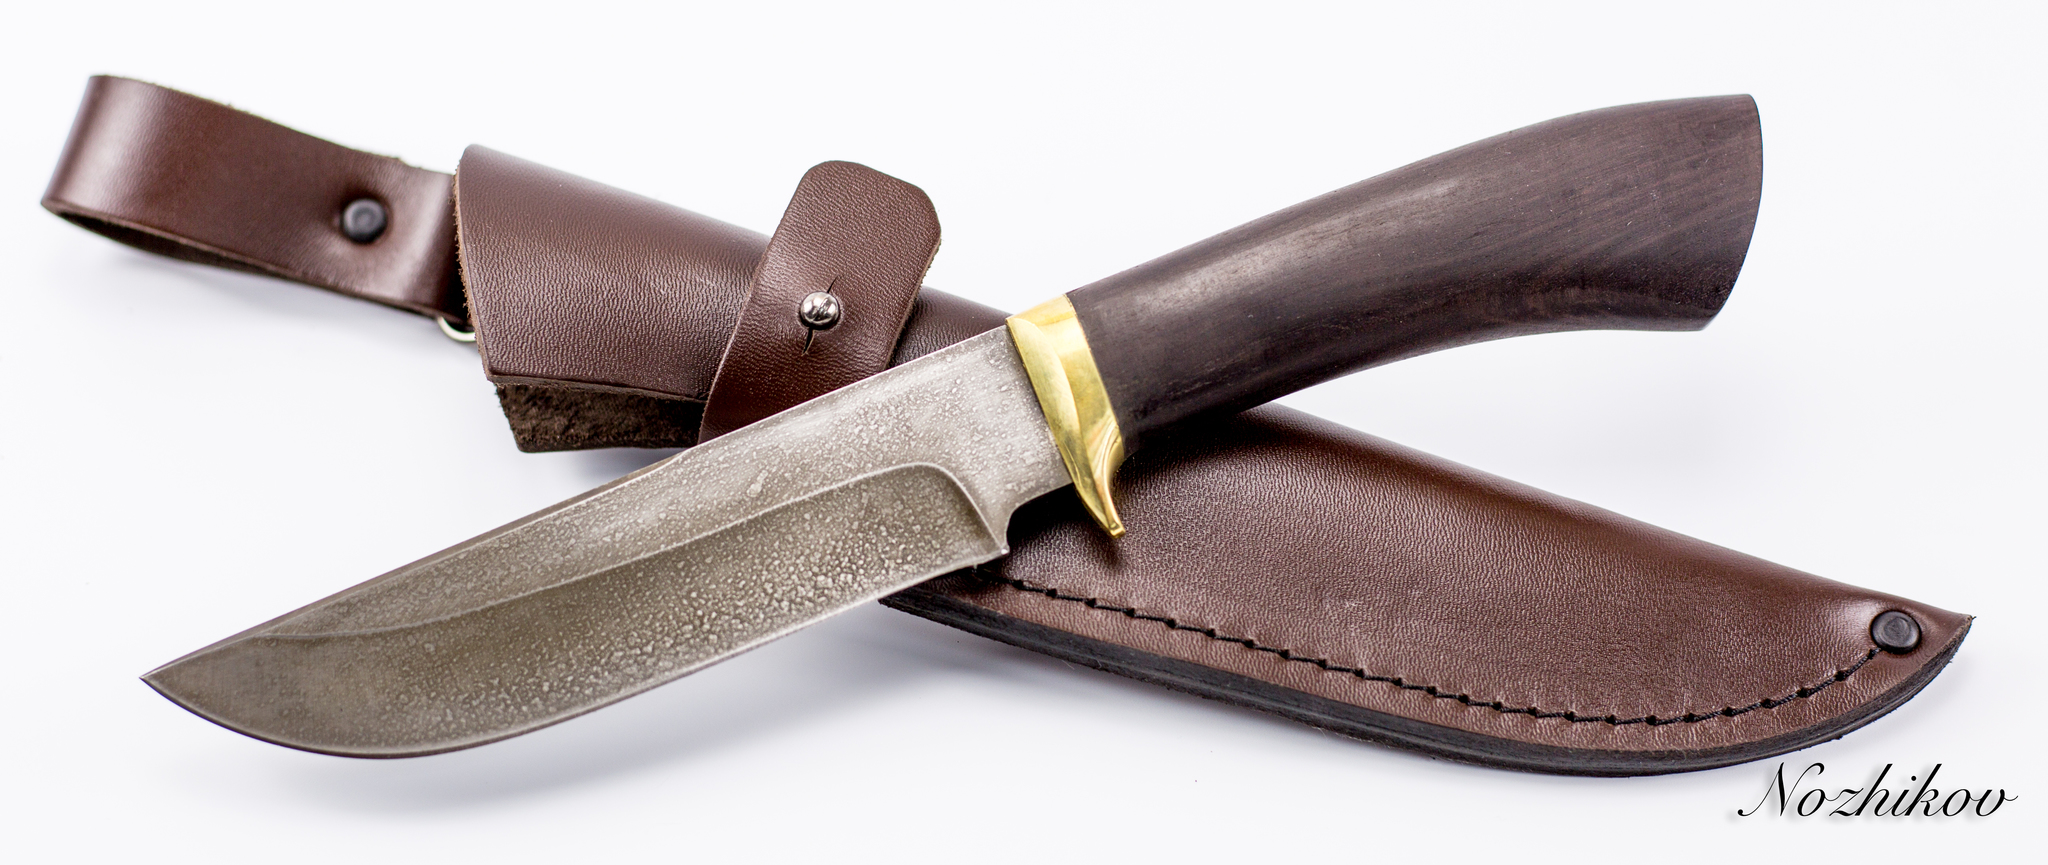 Фото 6 - Нож Хищник-2, сталь ХВ5, граб от Промтехснаб